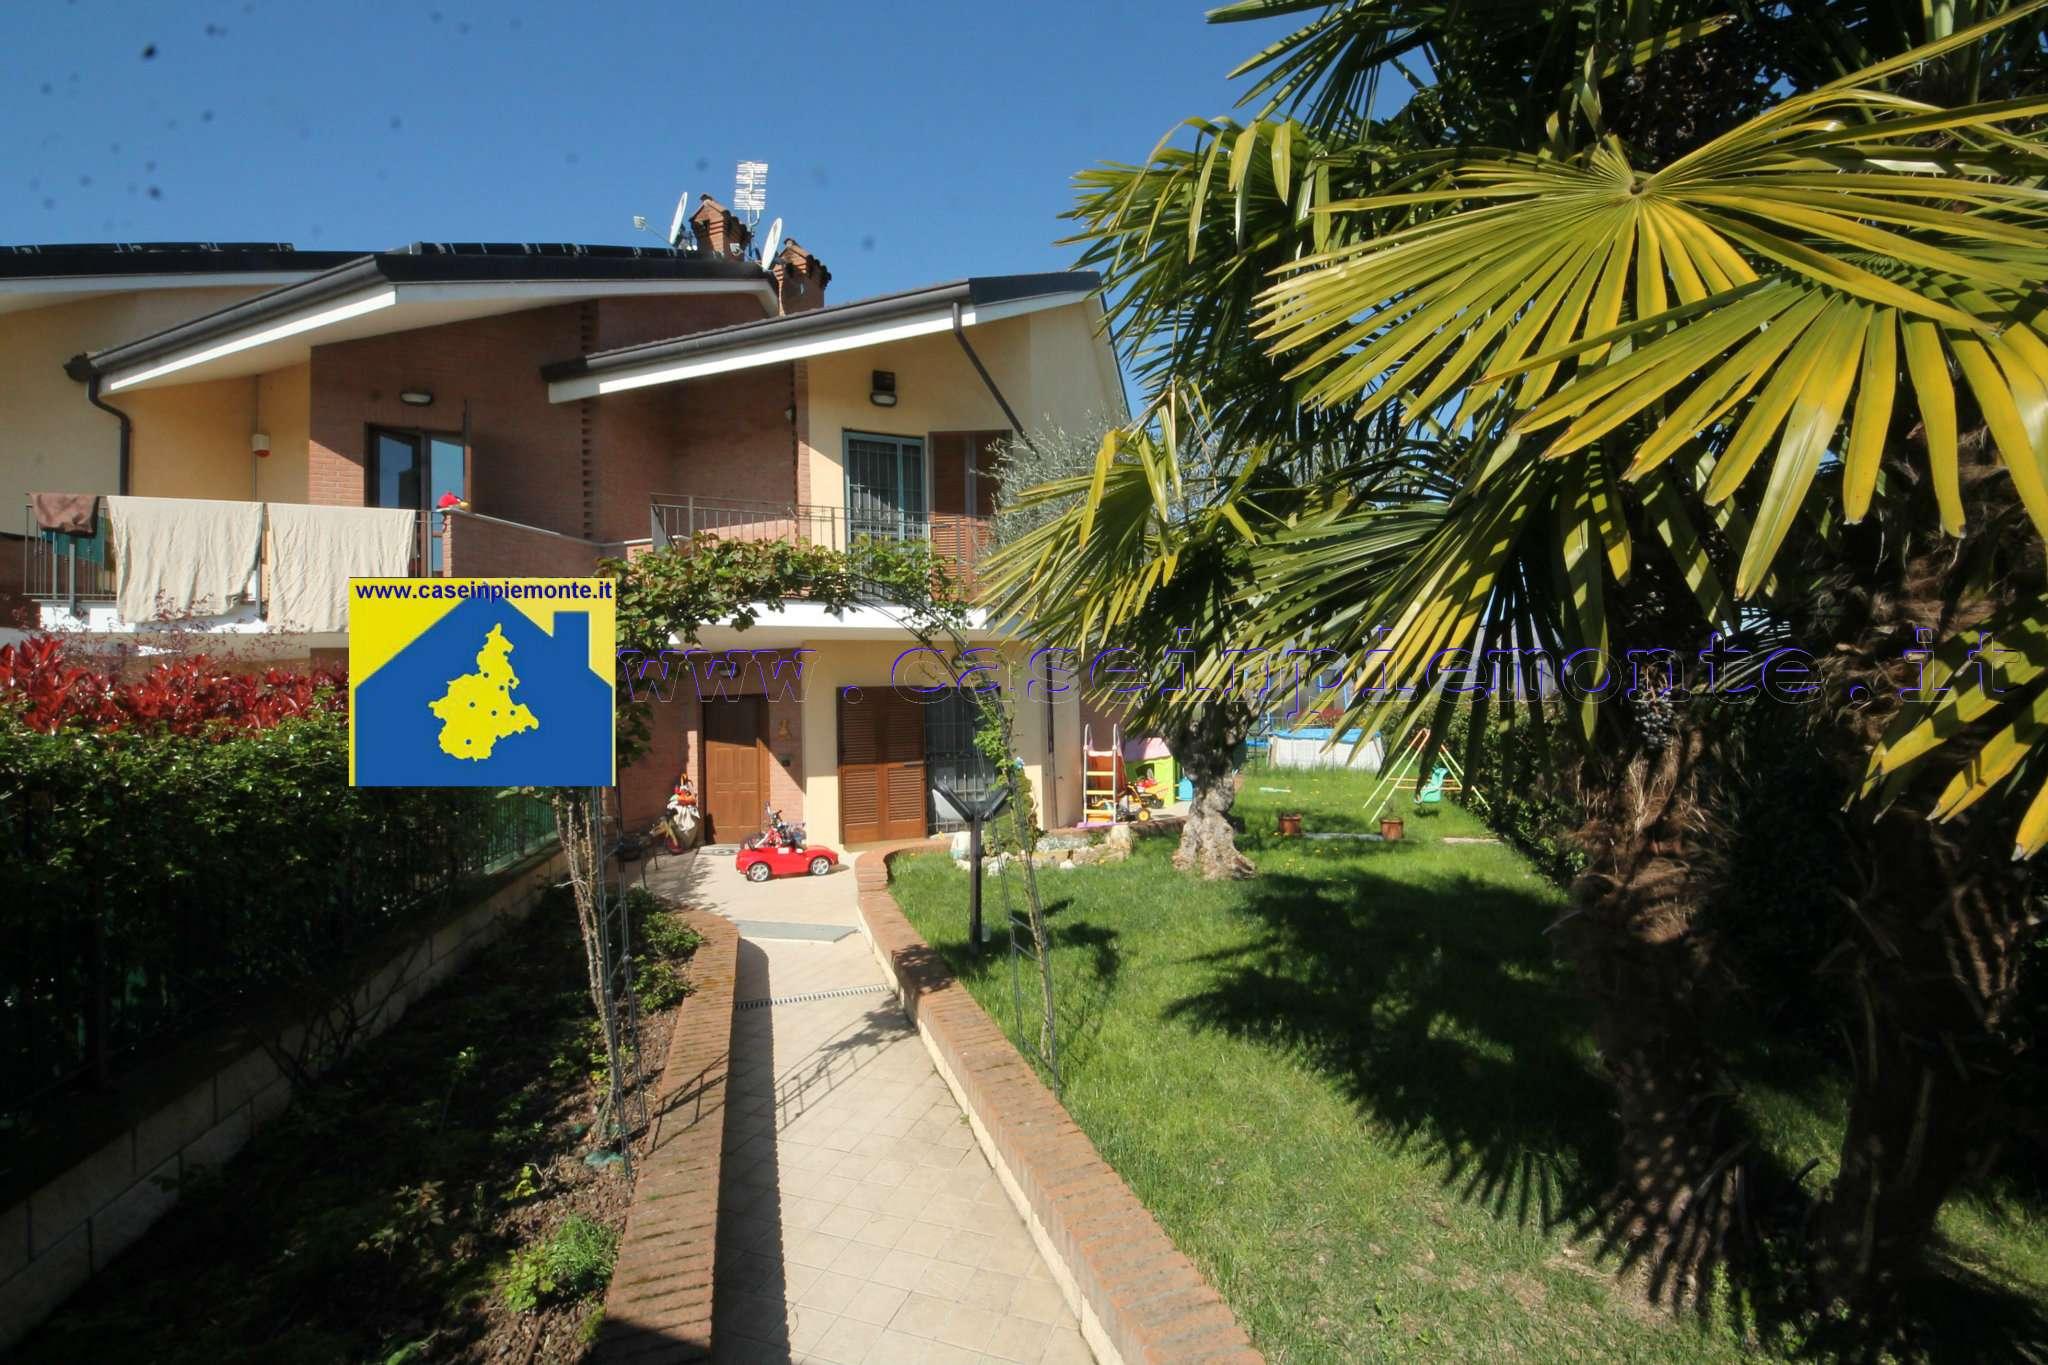 Soluzione Indipendente in vendita a Pianezza, 9 locali, prezzo € 309.000   CambioCasa.it